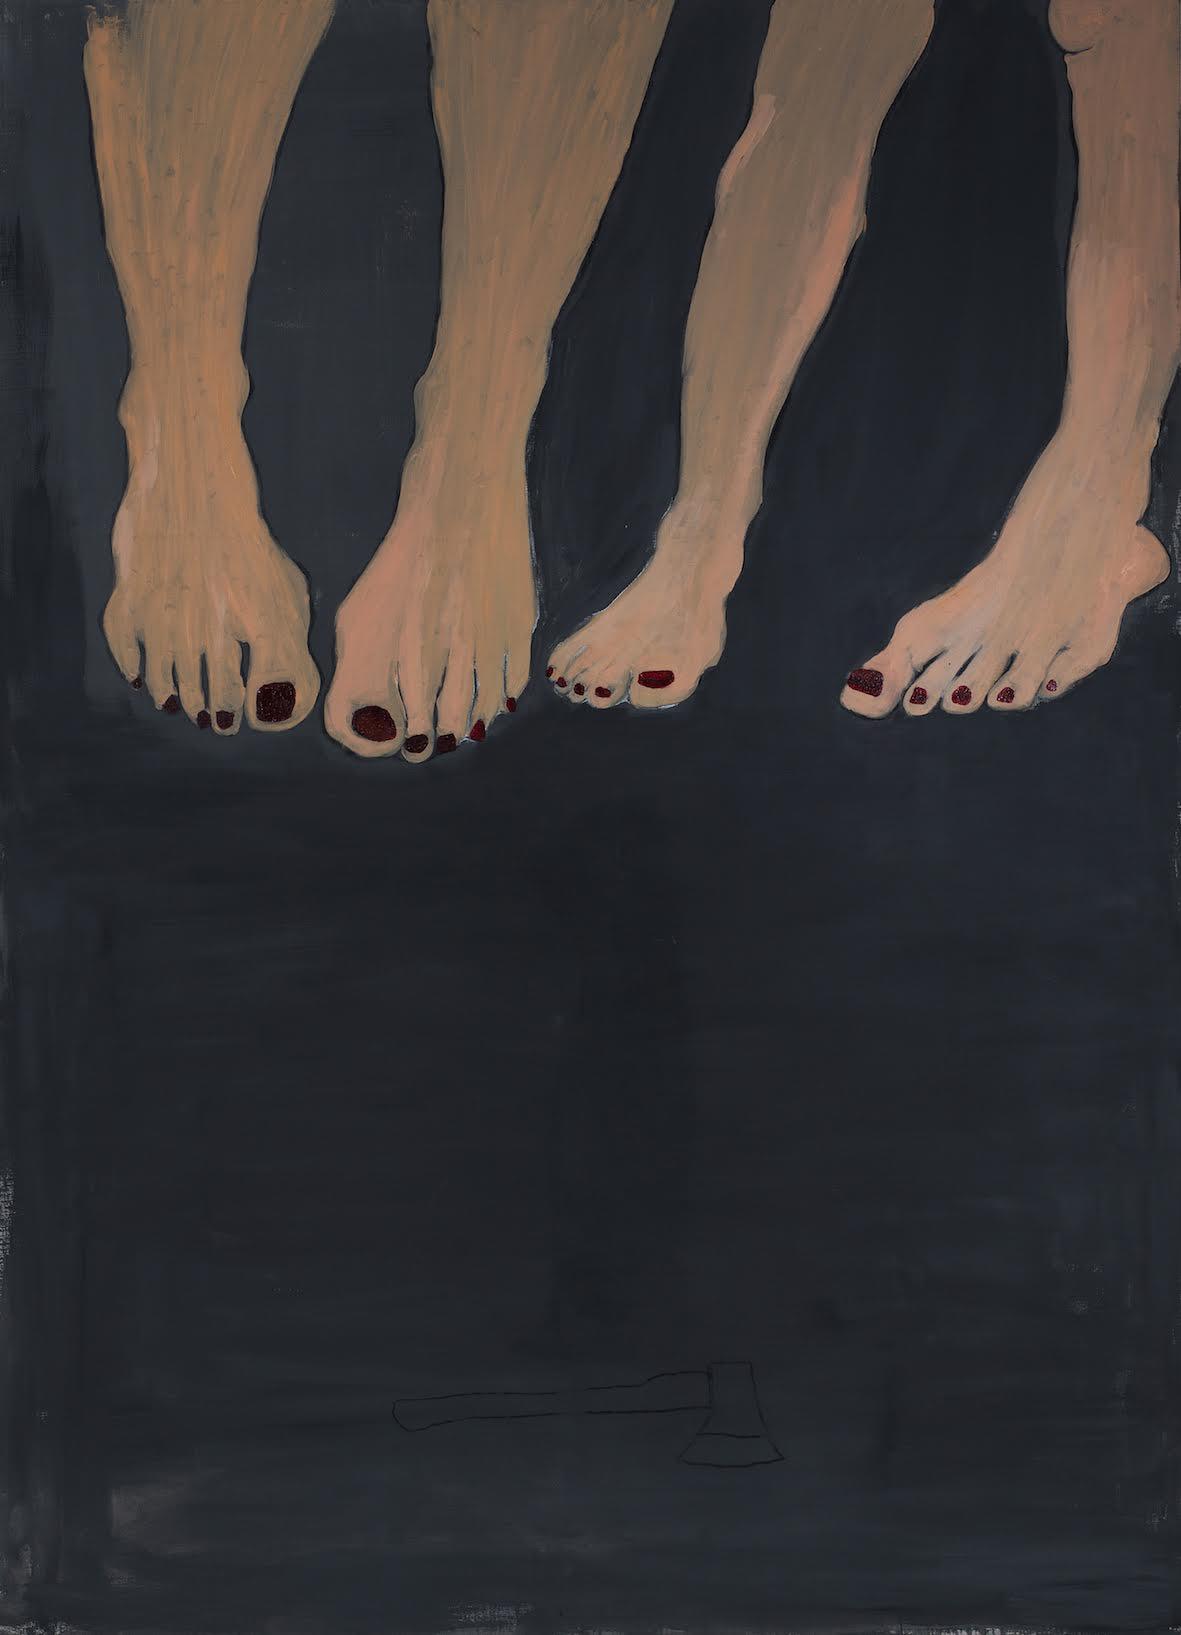 Paulina Jazvić, Legs, oil and acrylic on canvas, 130x180cm, 2015